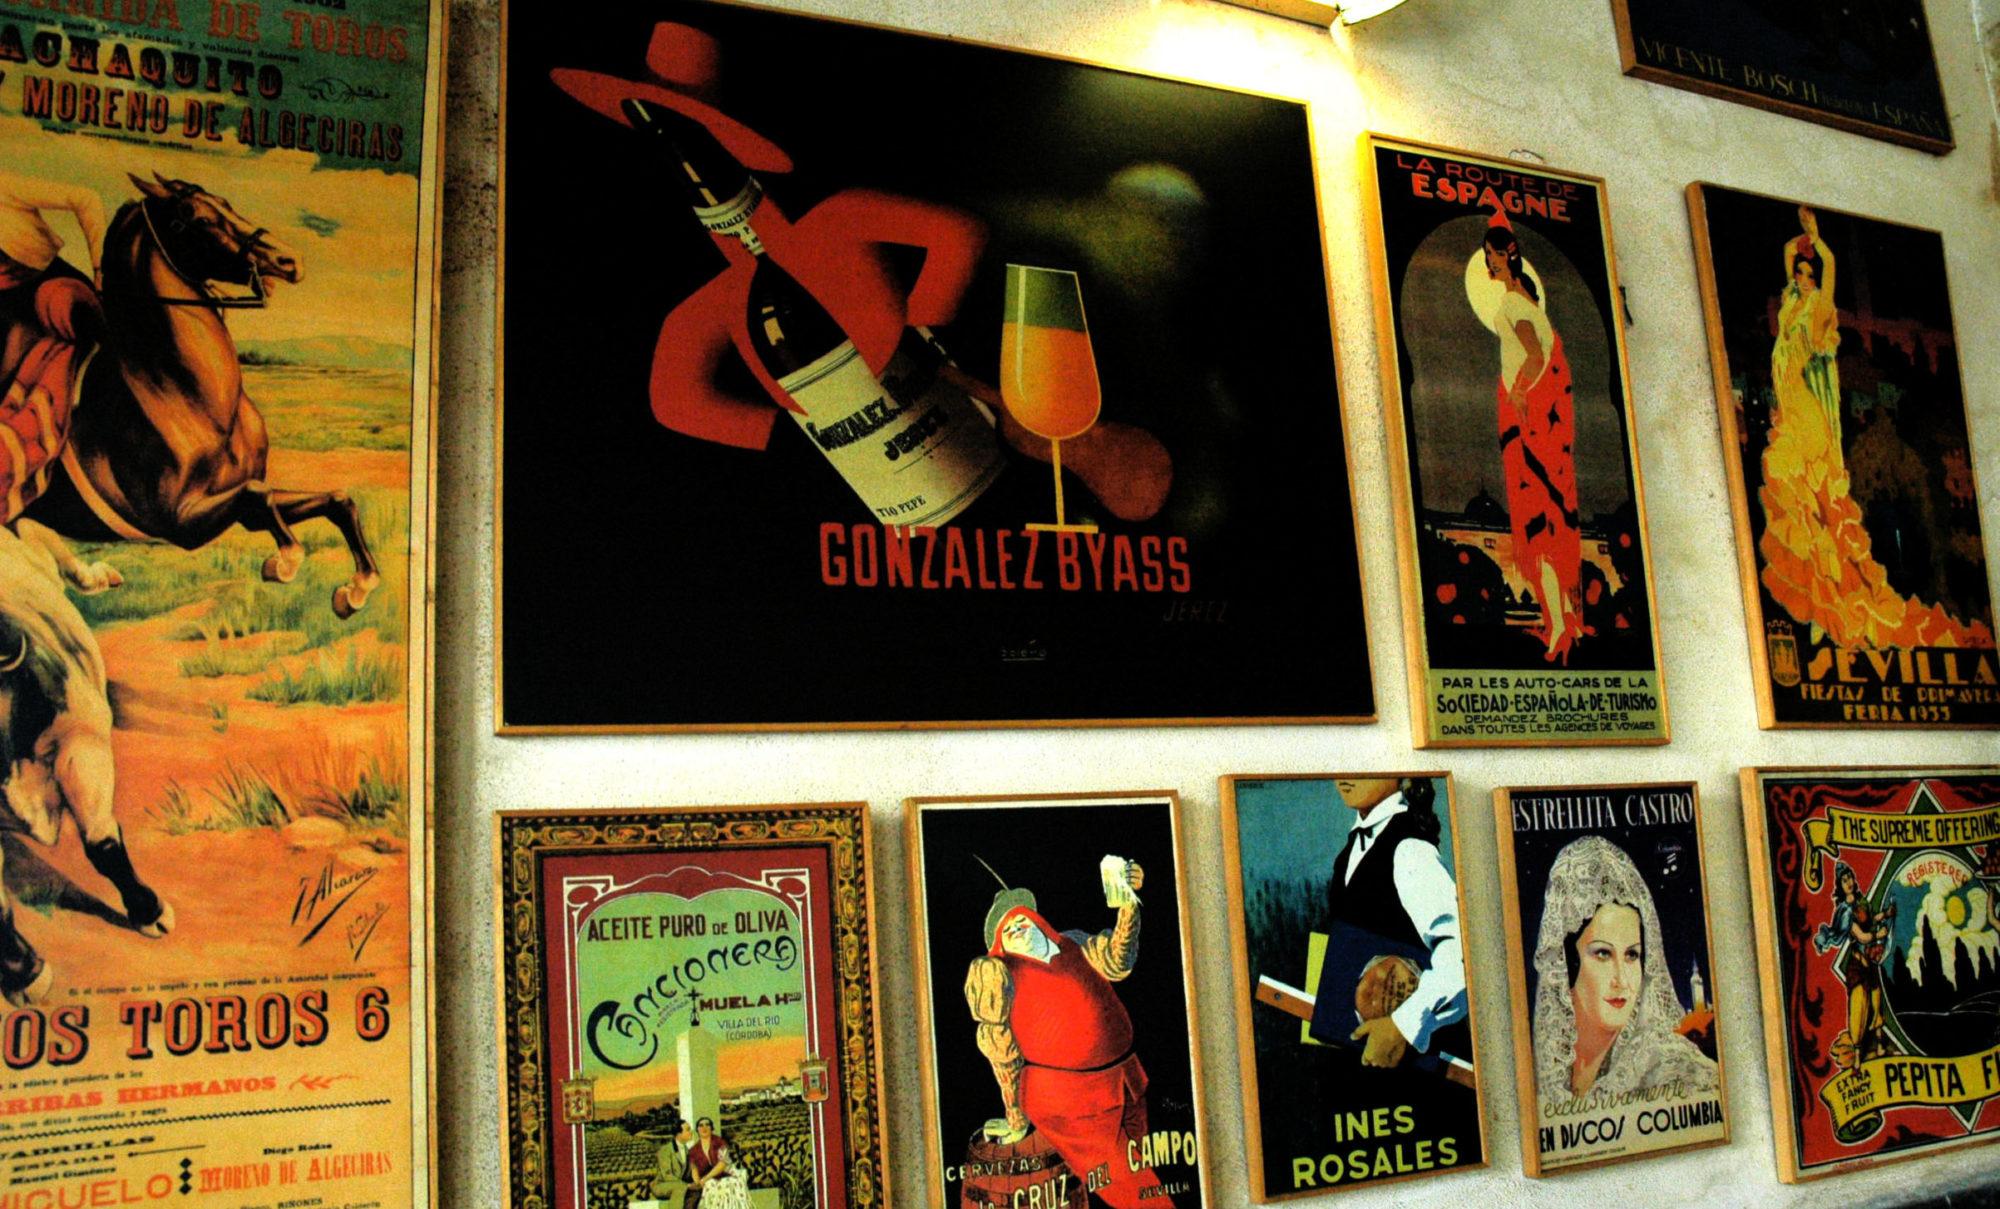 CasetaDeFeria.Sevilla